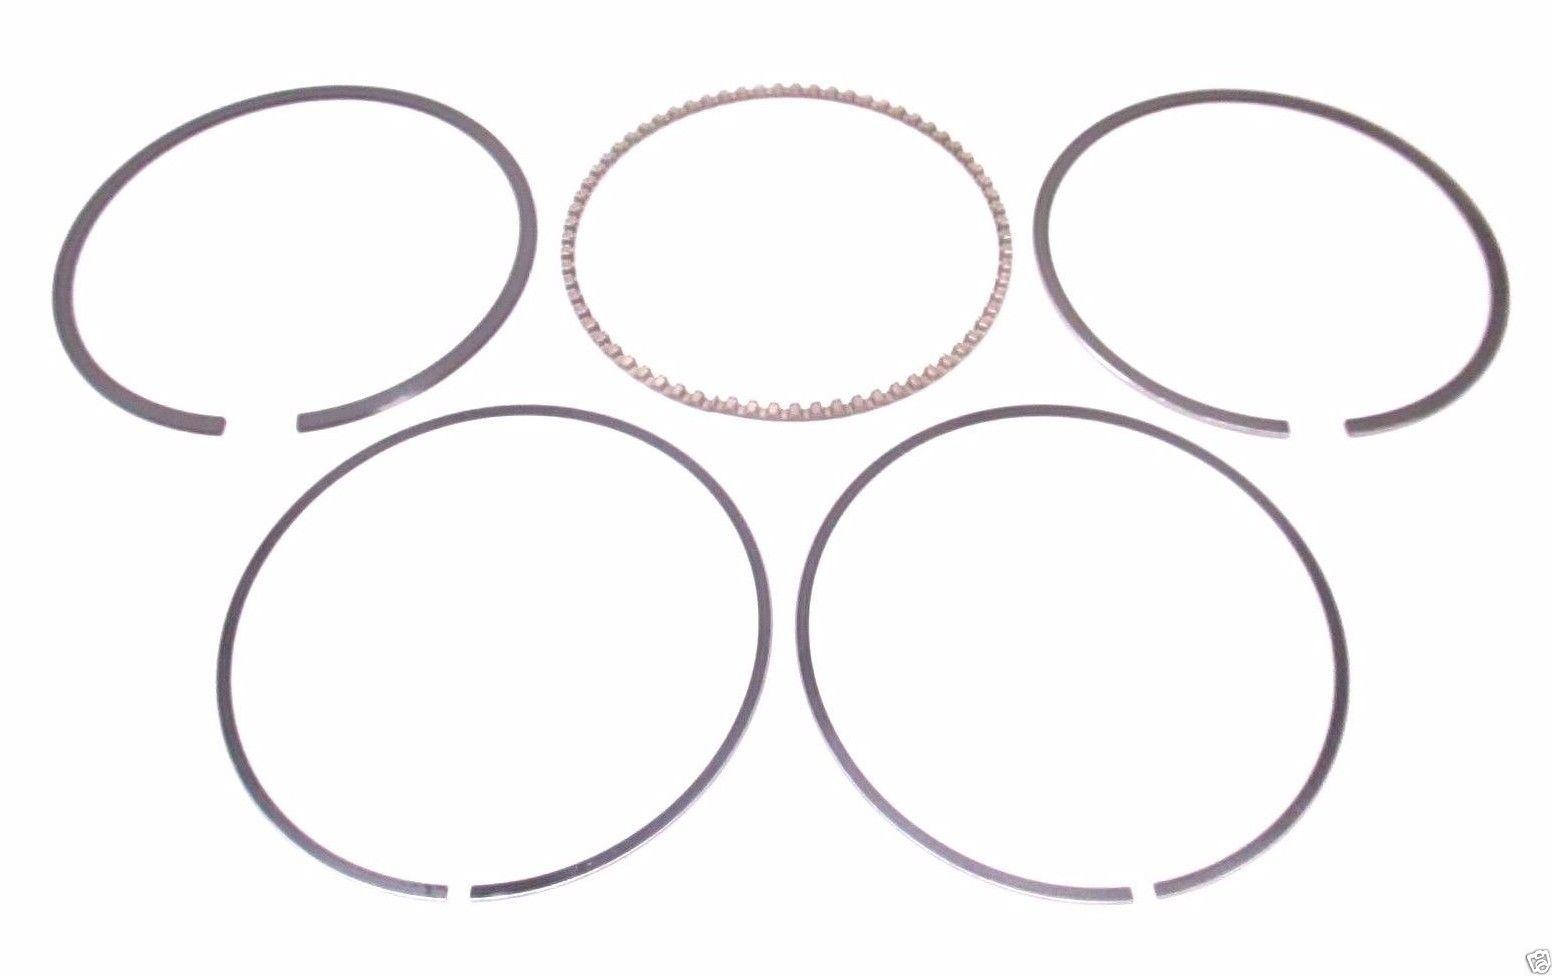 Genuine Kawasaki 13008-0569 Piston Ring Set Fits FR FS FX